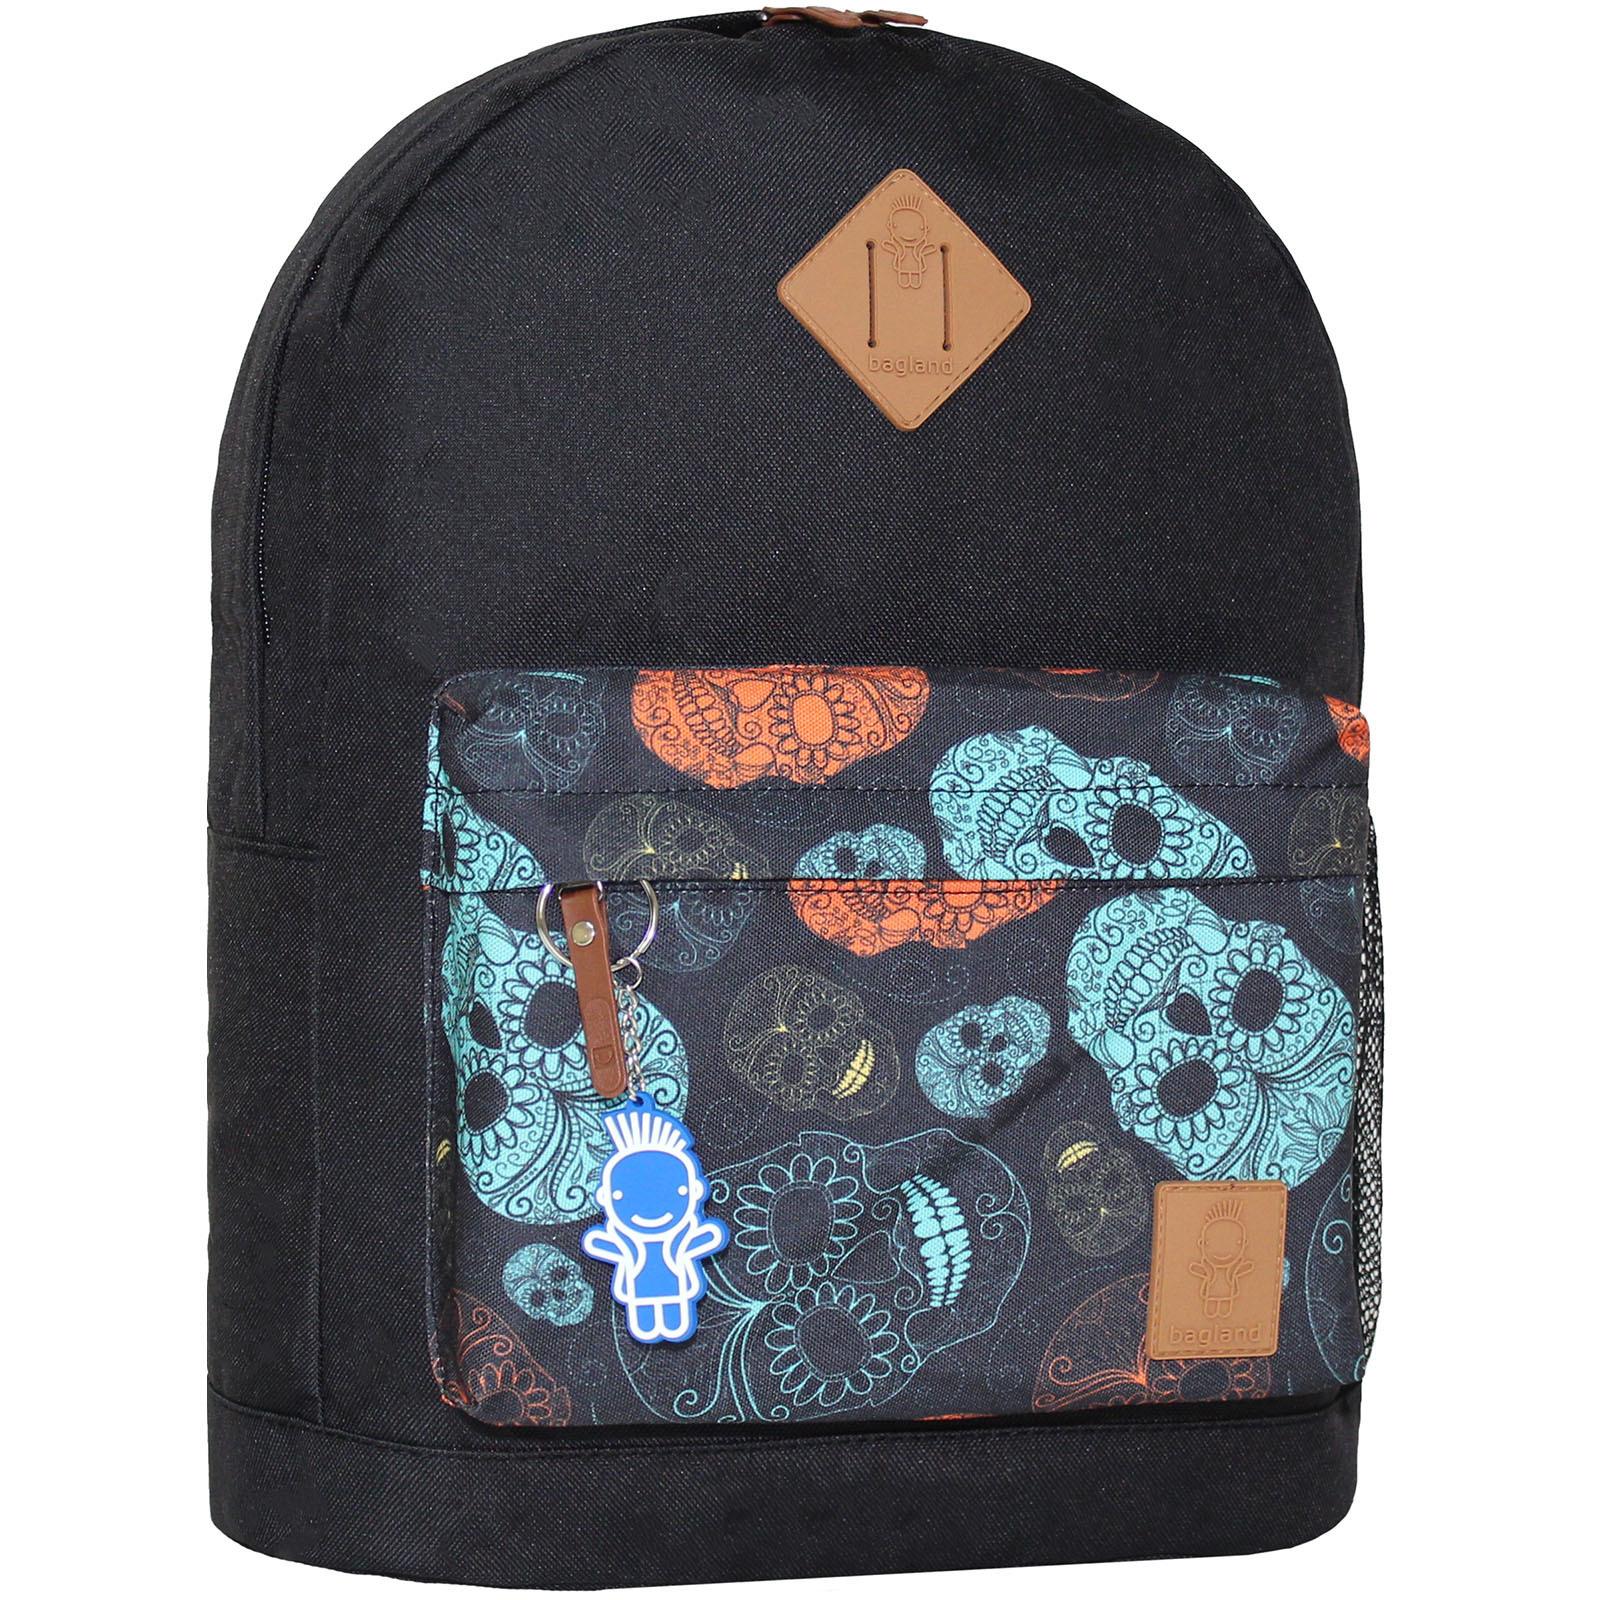 Городские рюкзаки Рюкзак Bagland Молодежный W/R 17 л. чорний 106 (00533662) IMG_5949.JPG